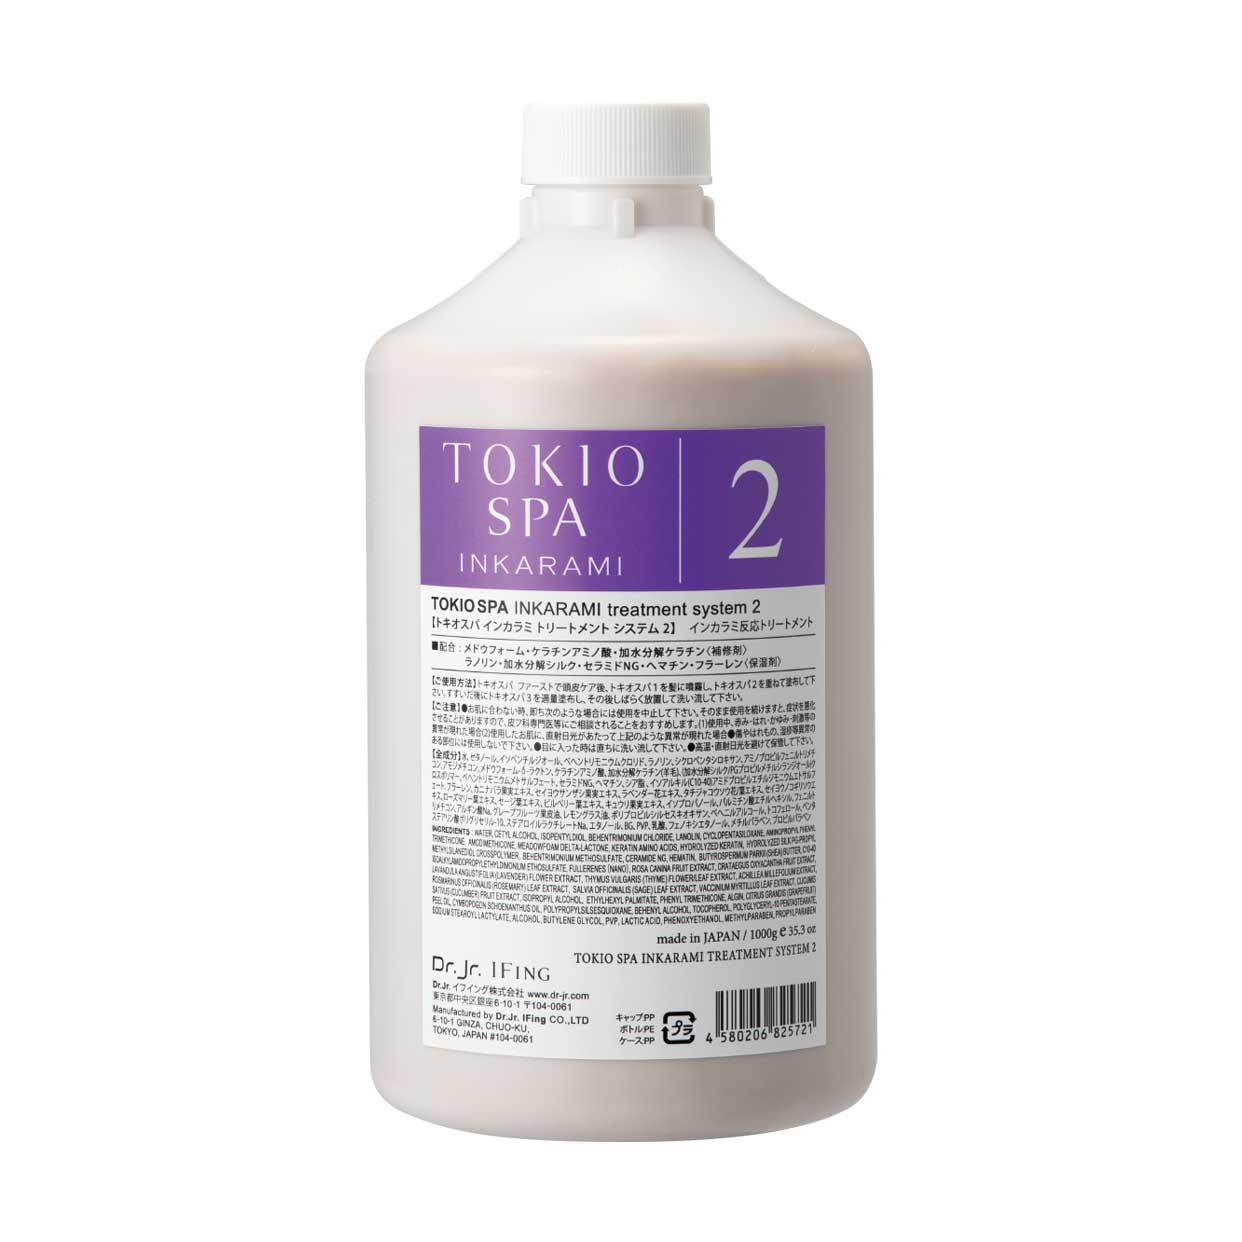 TOKIO SPA 2